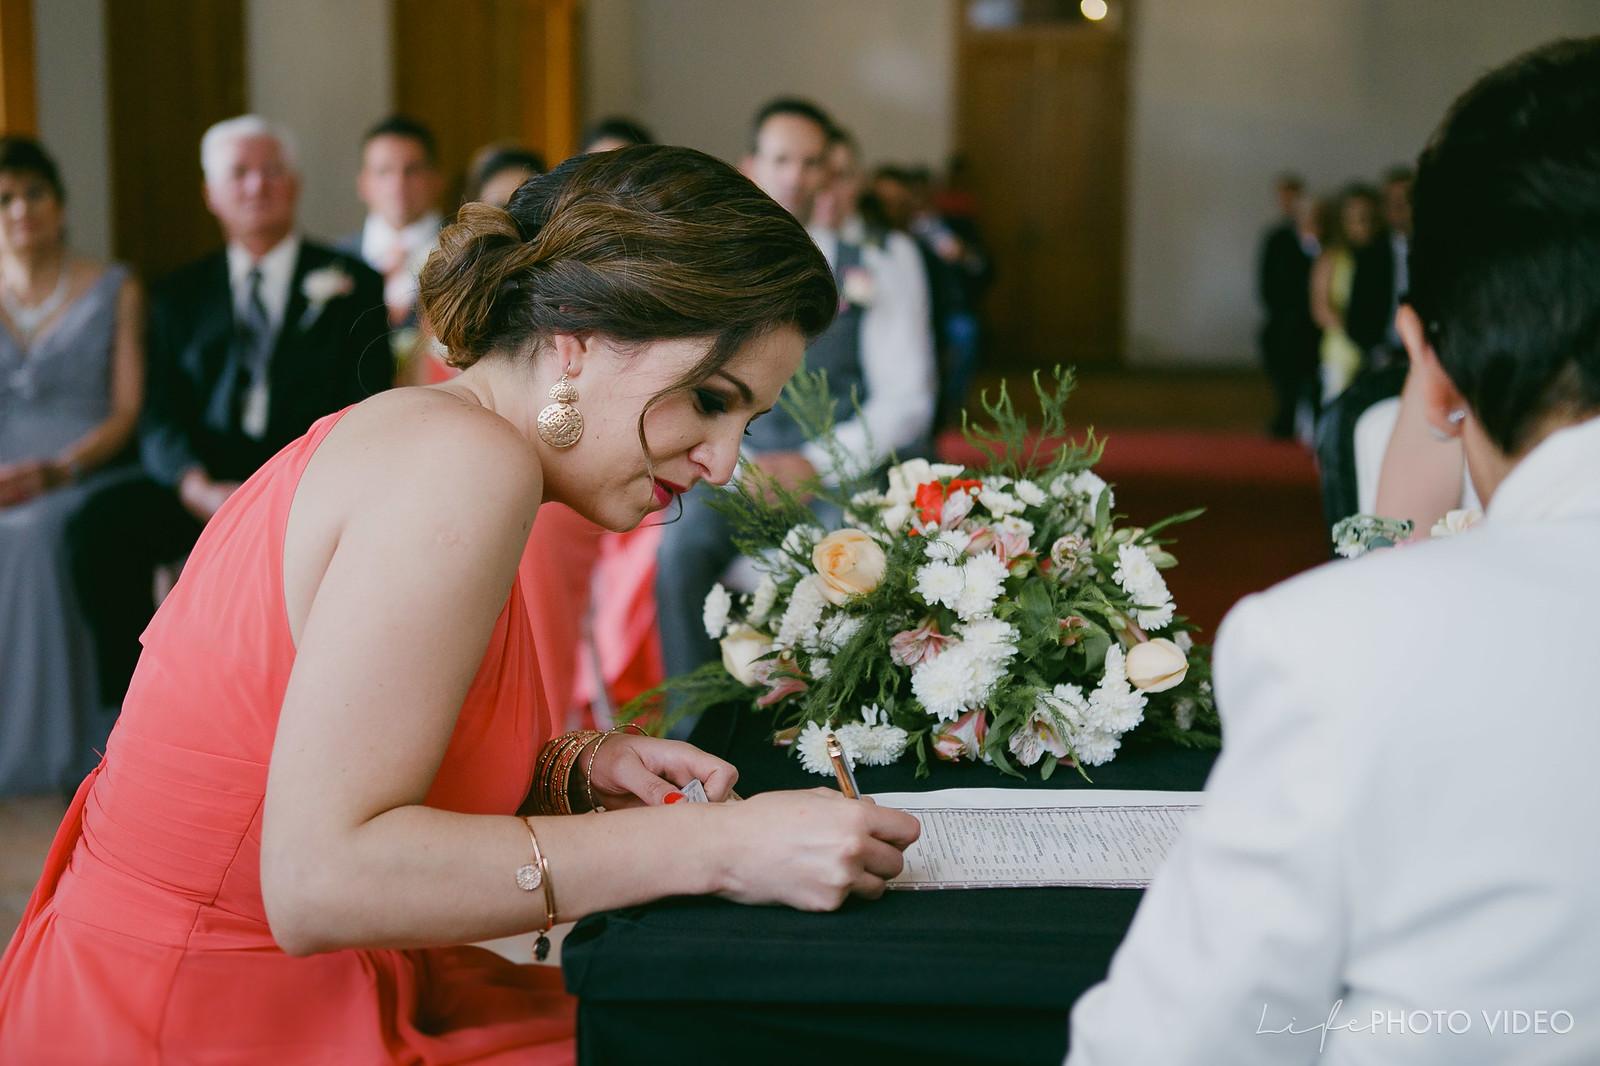 LifePhotoVideo_Boda_LeonGto_Wedding_0043.jpg